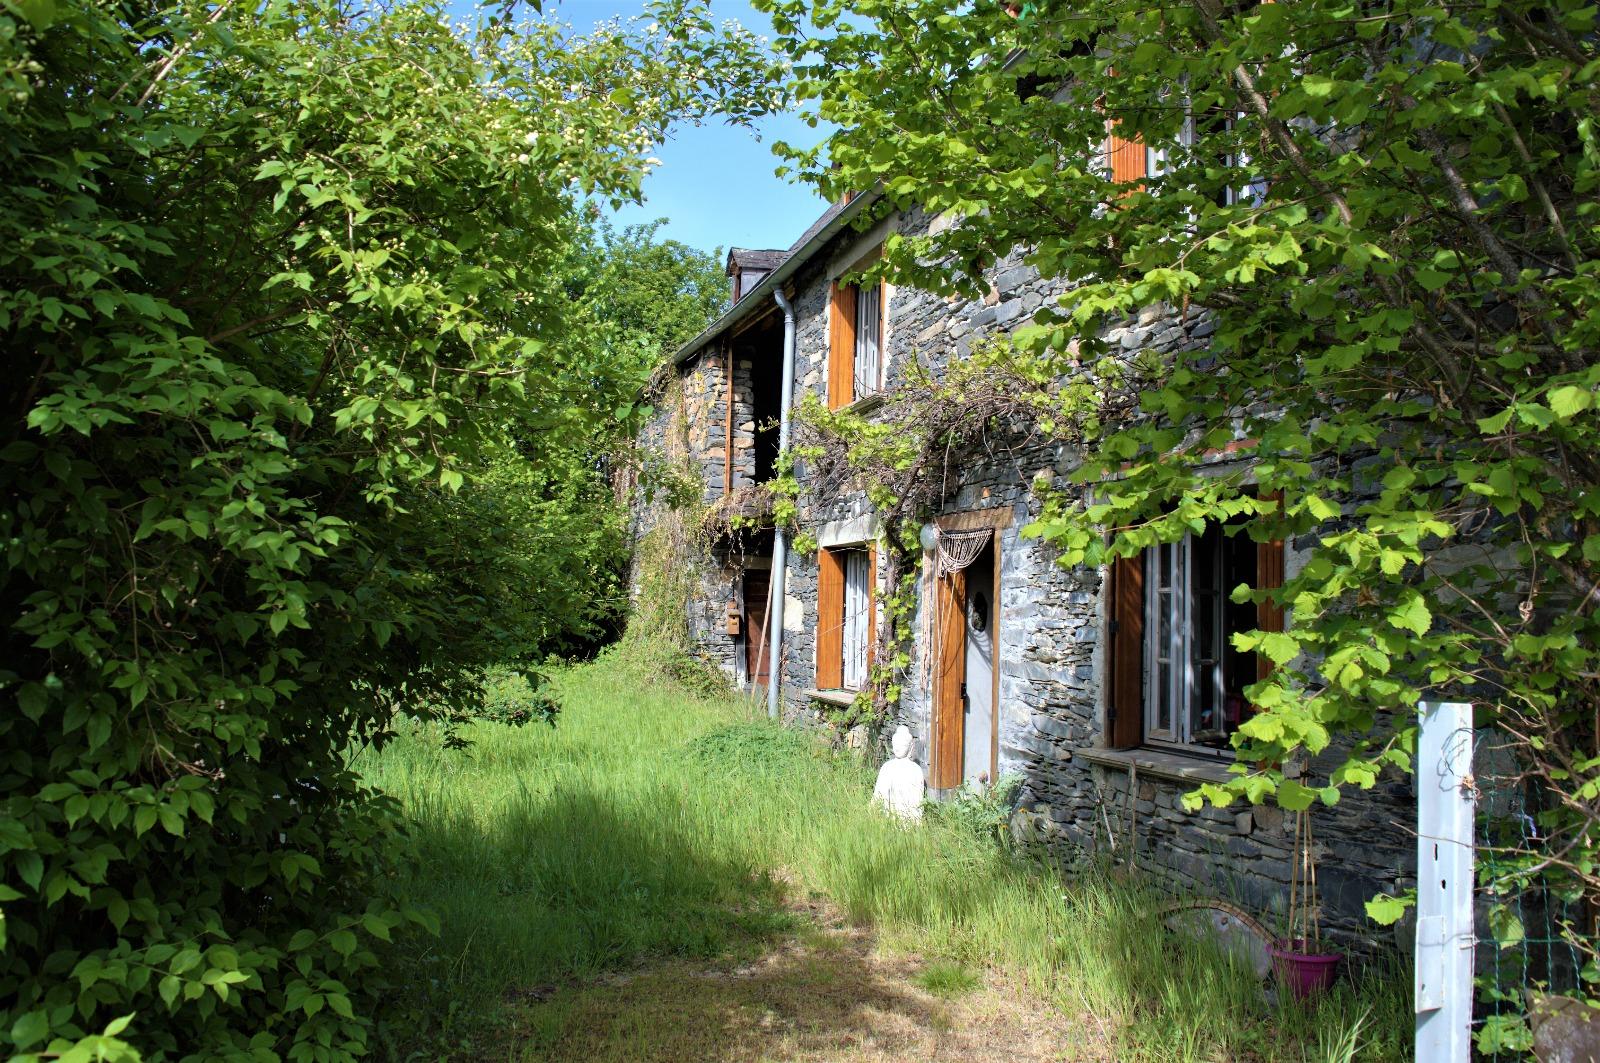 Maison avec grange et jardin ma maison - Maison moderne avec jardin saint paul ...